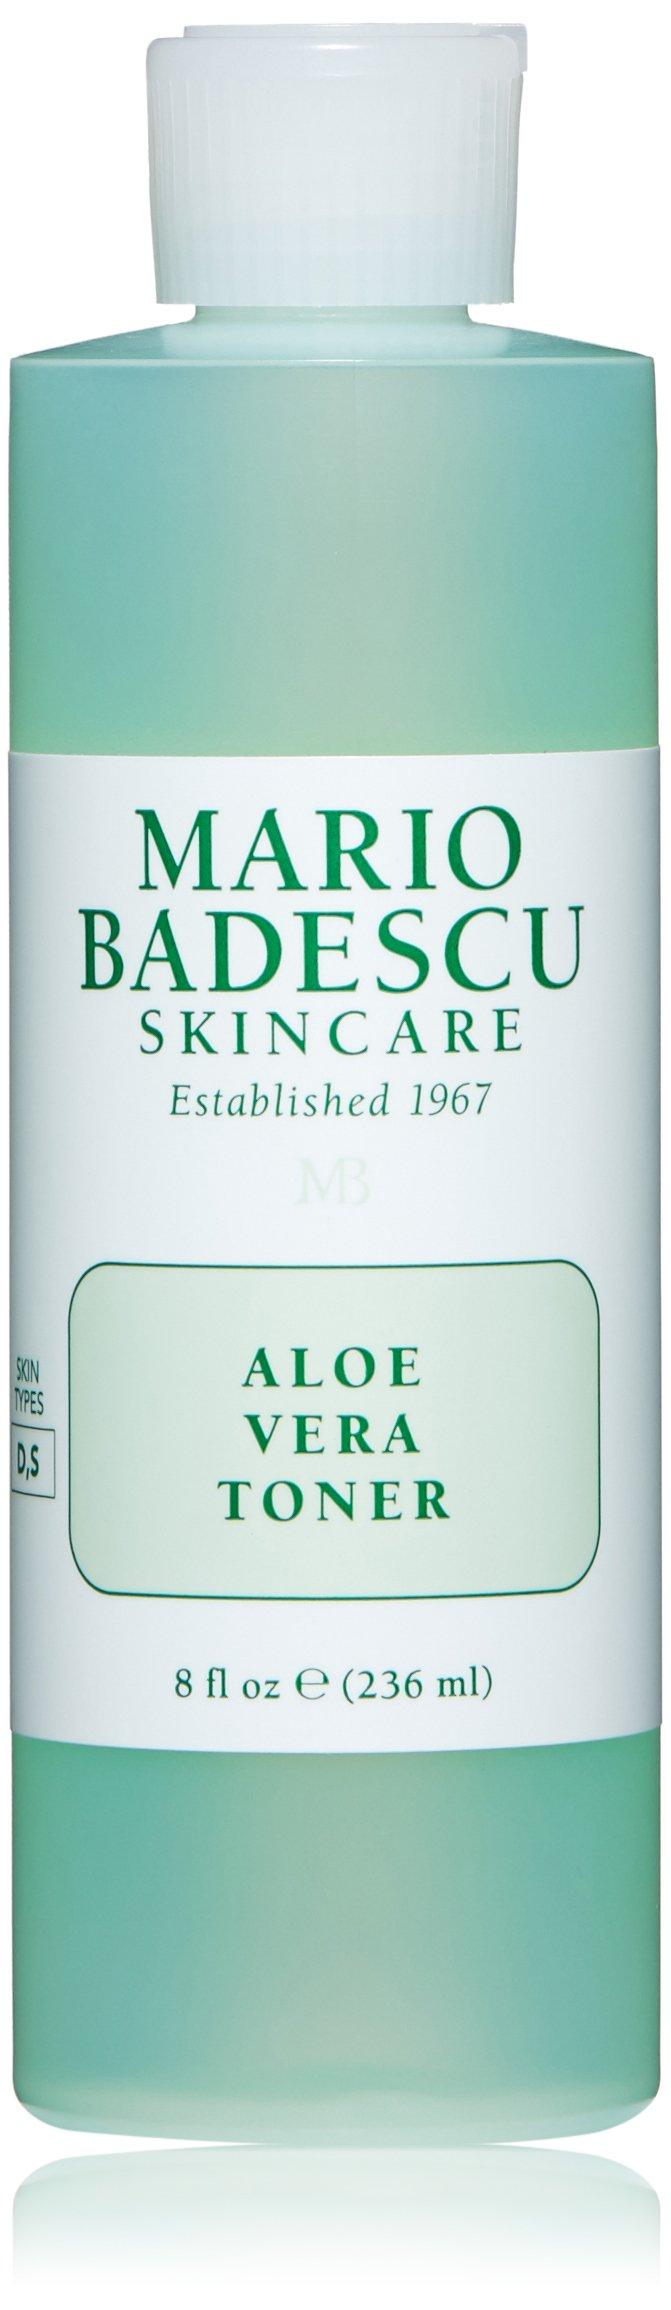 Mario Badescu Aloe Vera Toner, 8 oz.